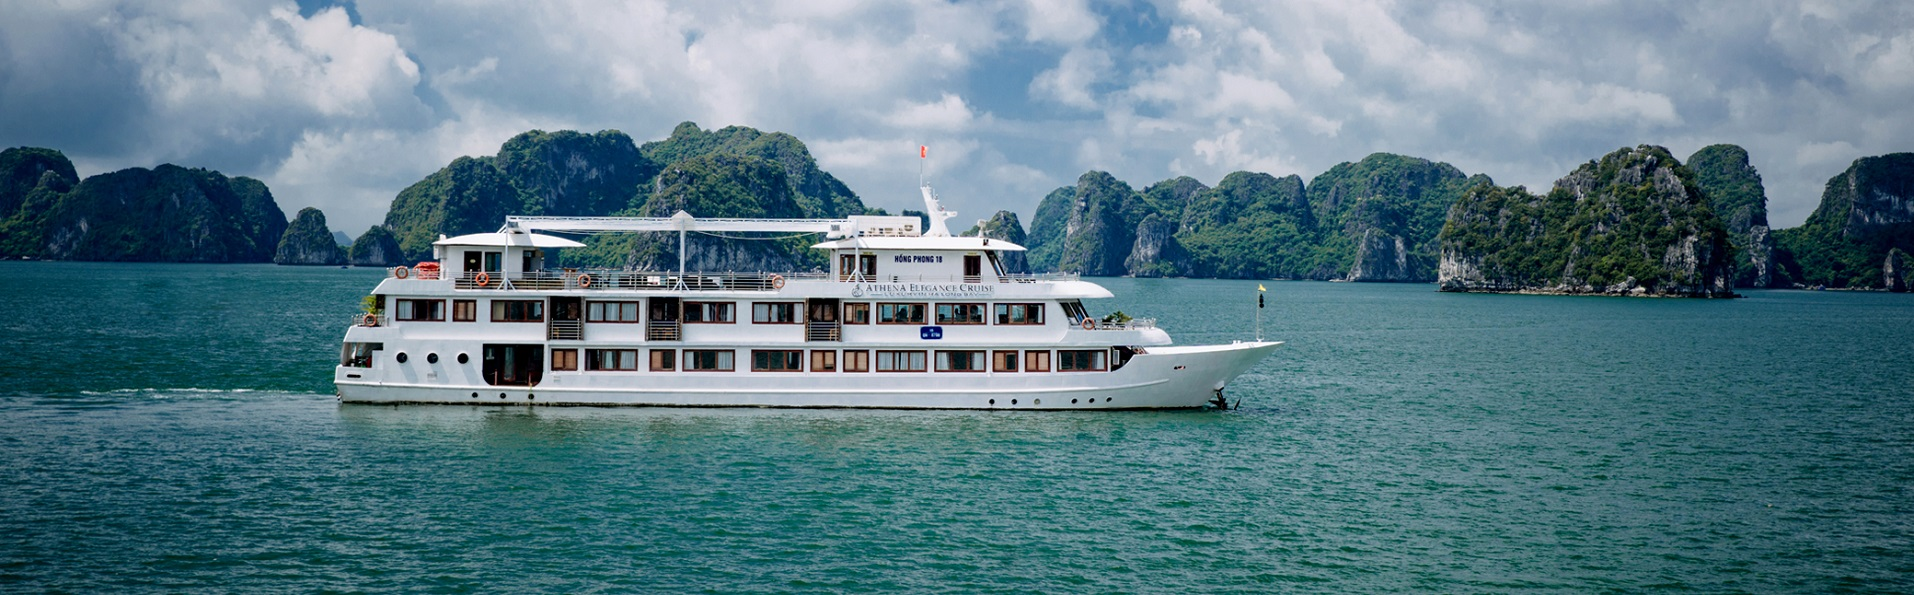 Agence locale, spécialiste de voyage sur mesure au Vietnam Laos et Cambodge